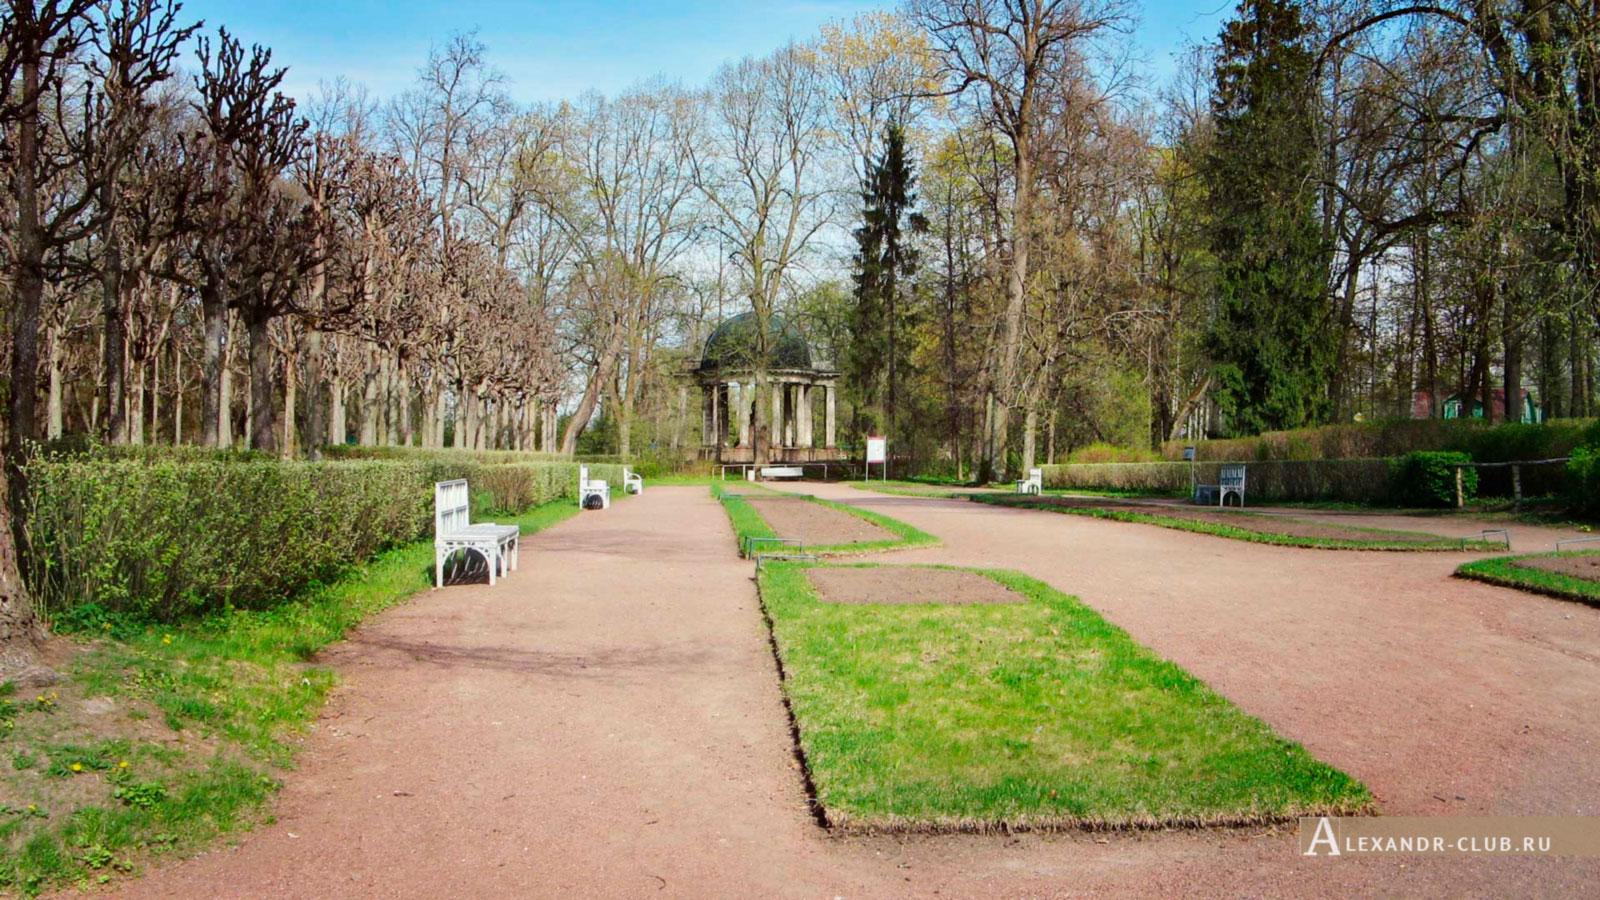 Павловский парк, весна, вид на павильон Росси – памятник императрице Марии Федоровне